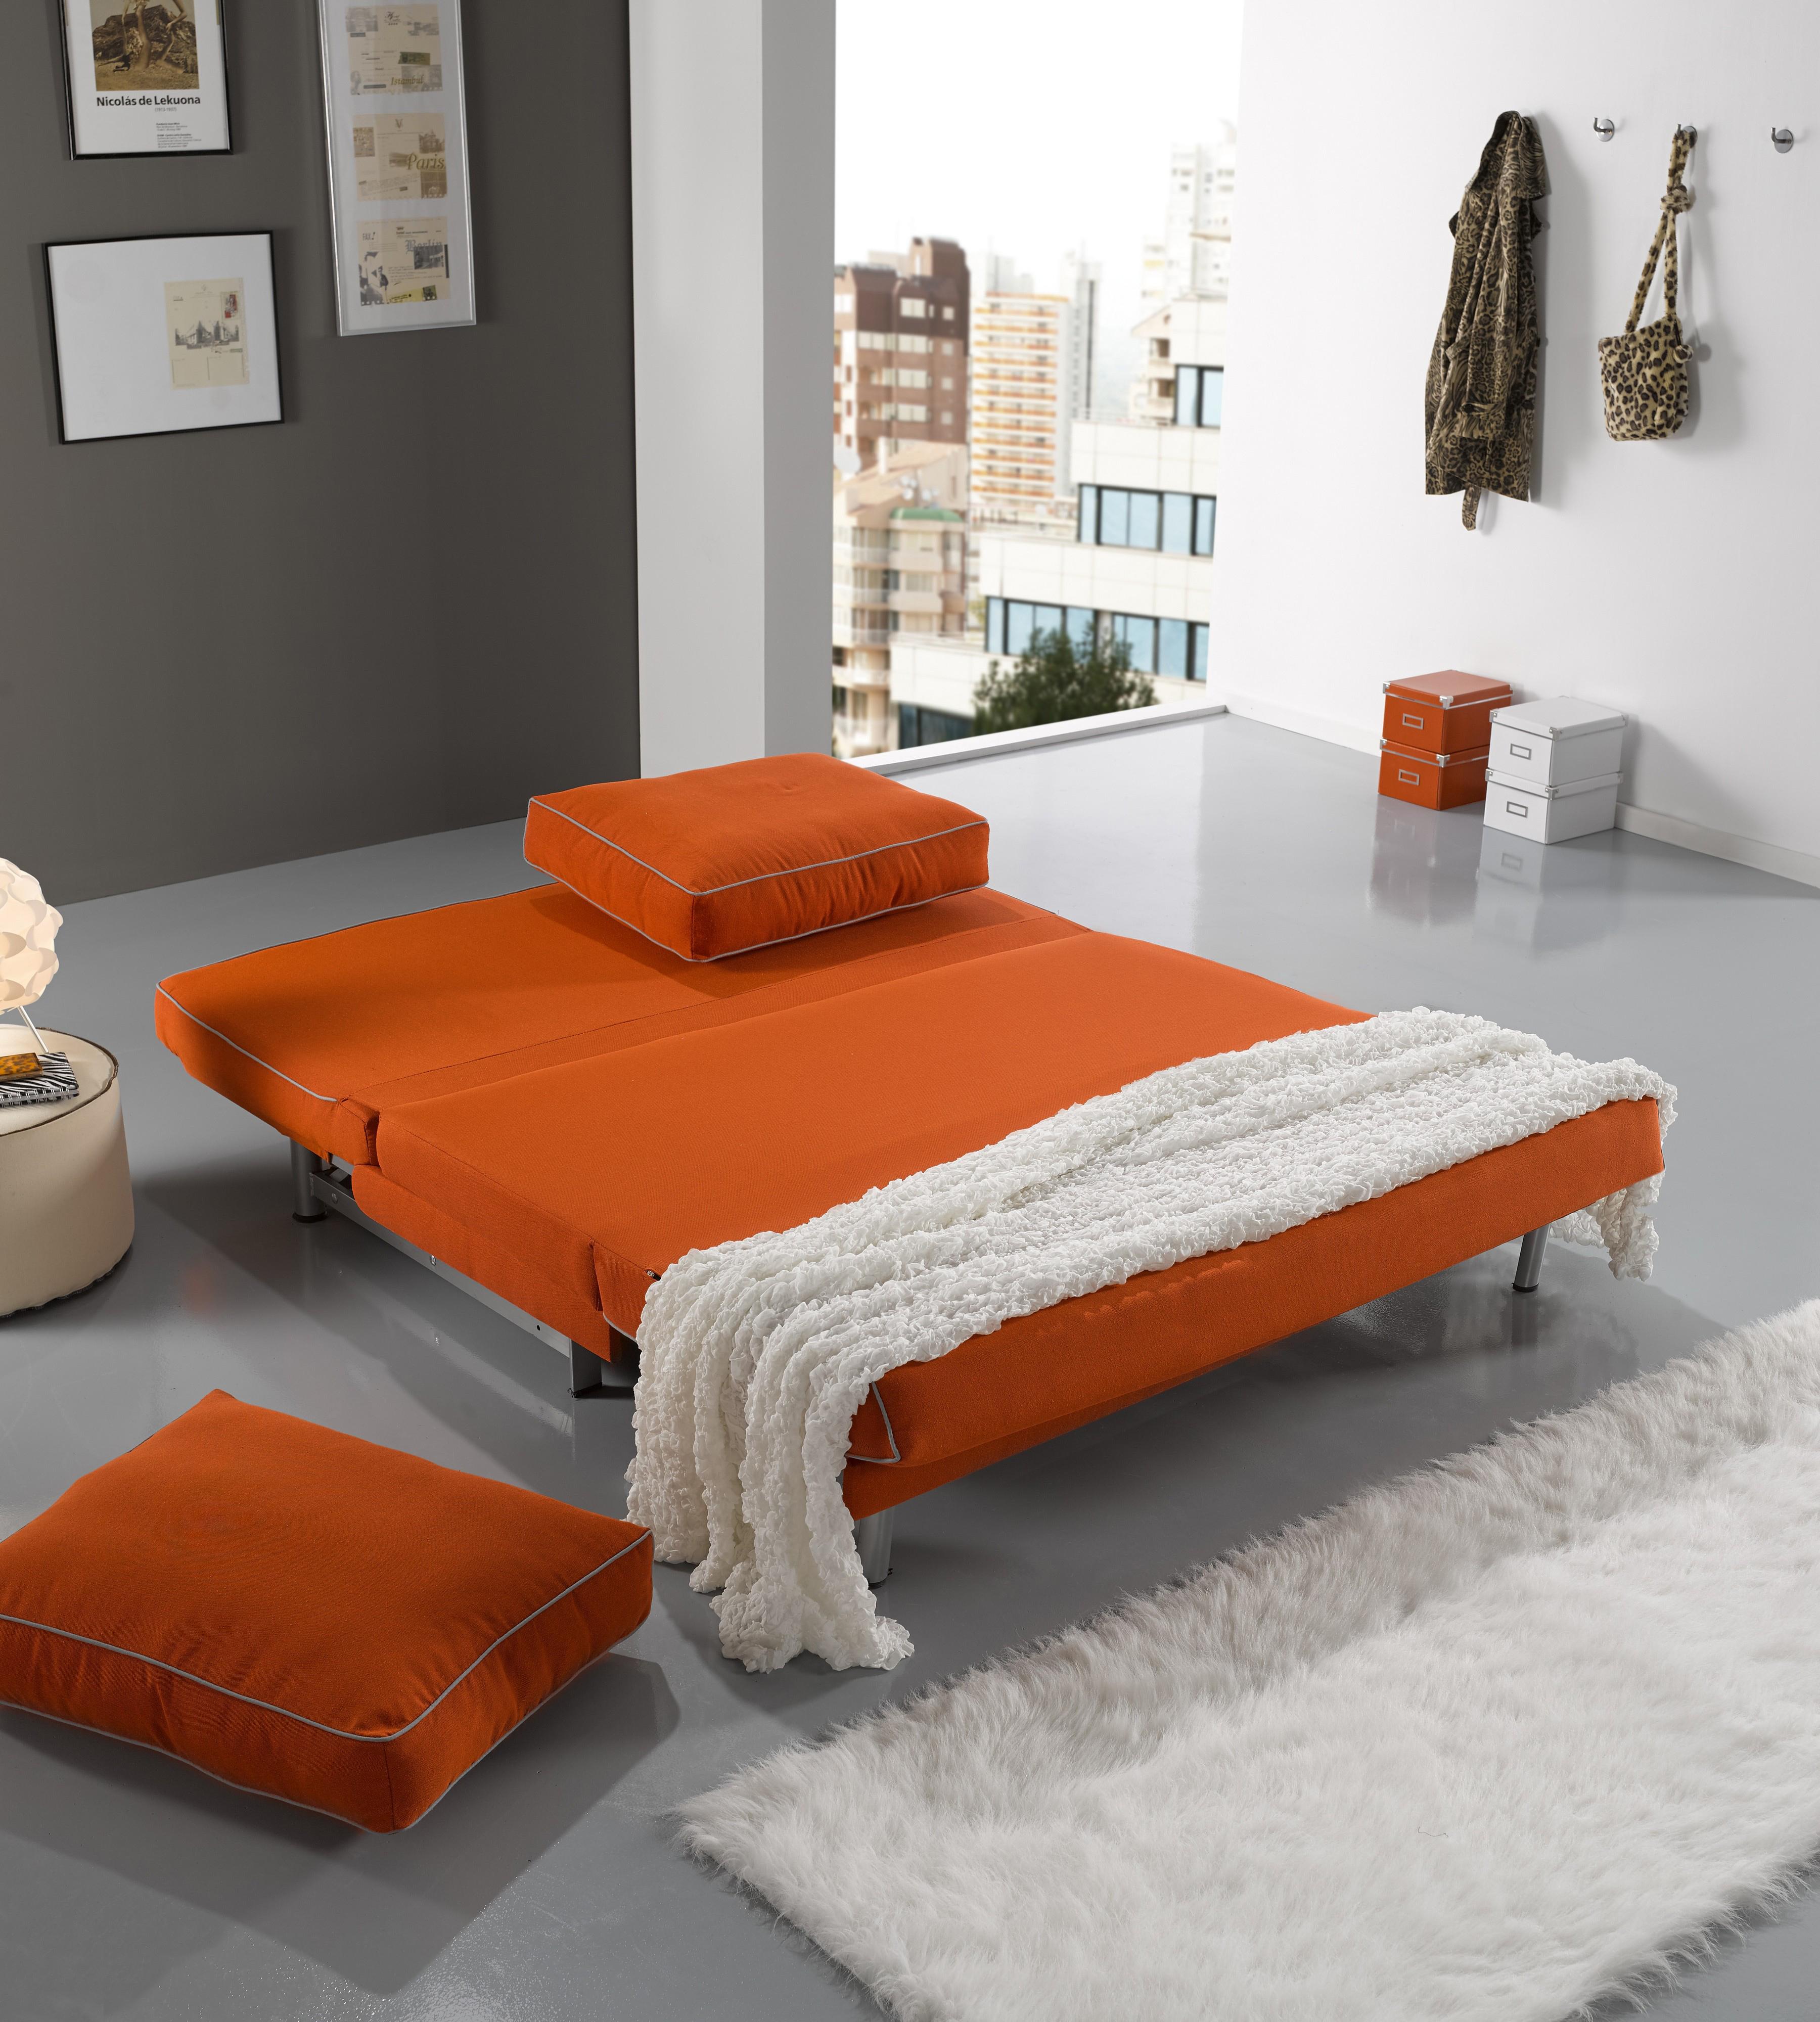 Sof cama la soluci n ideal para que cuentes con una cama for Sofa cama economico